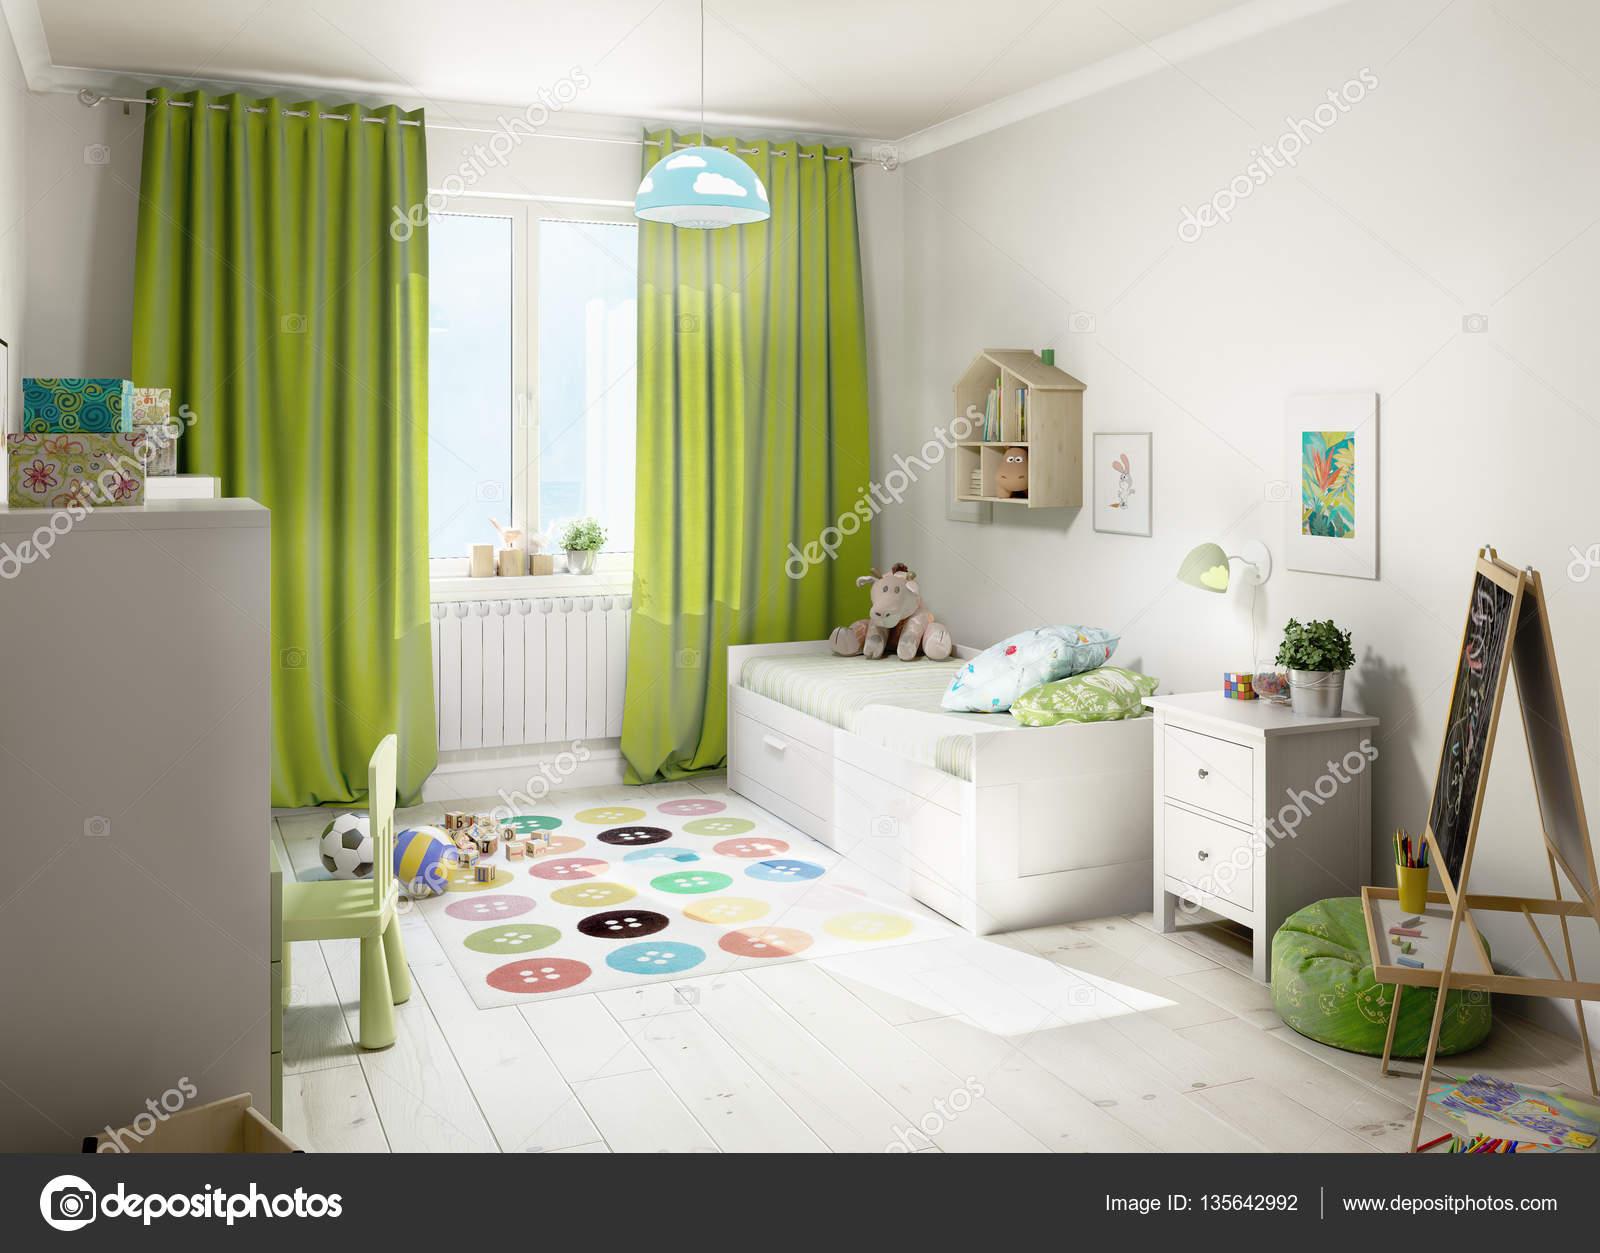 kinderkamer met groene gordijnen 3d illustratie stockfoto